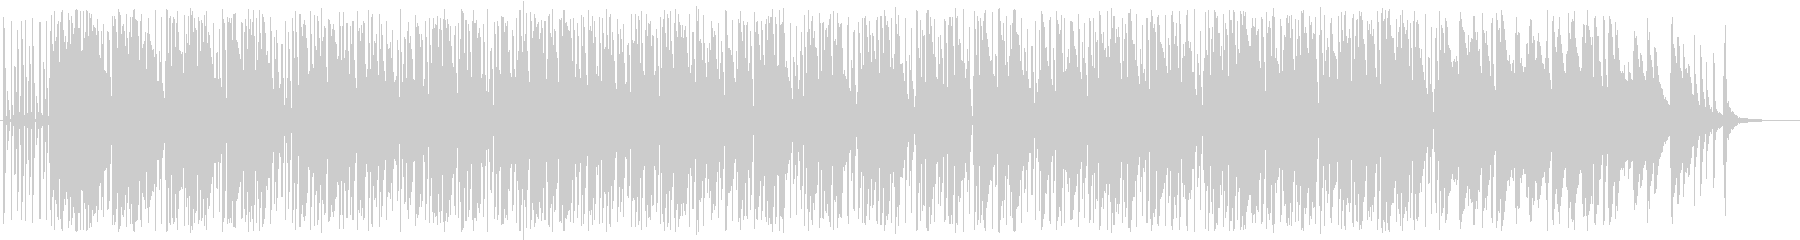 歌モノ曲の別アレンジ、ピアノインスト曲の未再生の波形